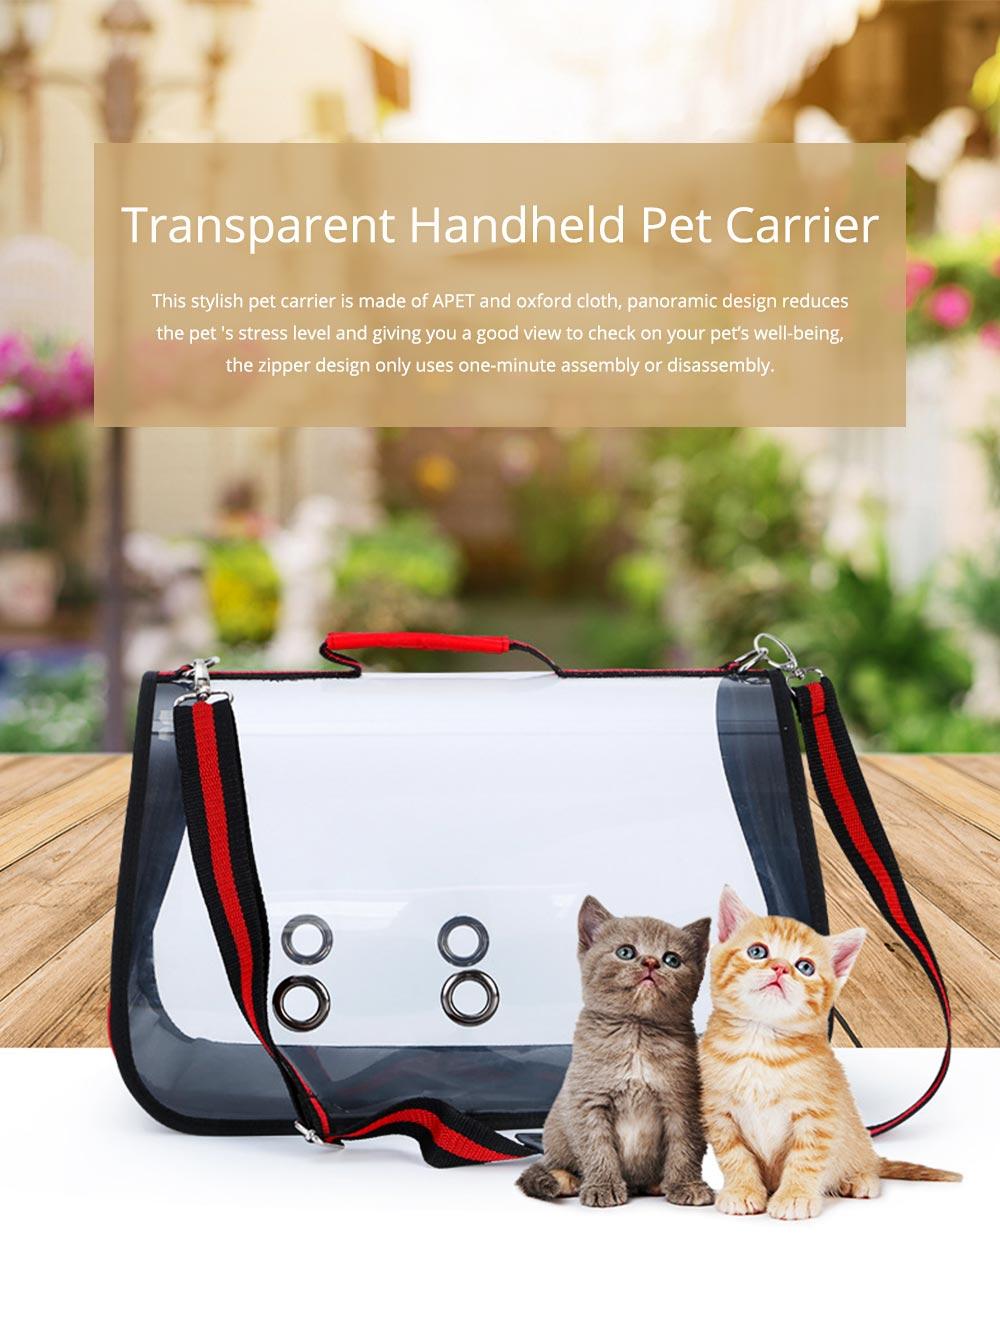 Transparent Pet Carrier Single-shouldered Handheld Cat Bag For Cat Dog for Outdoor Use 0